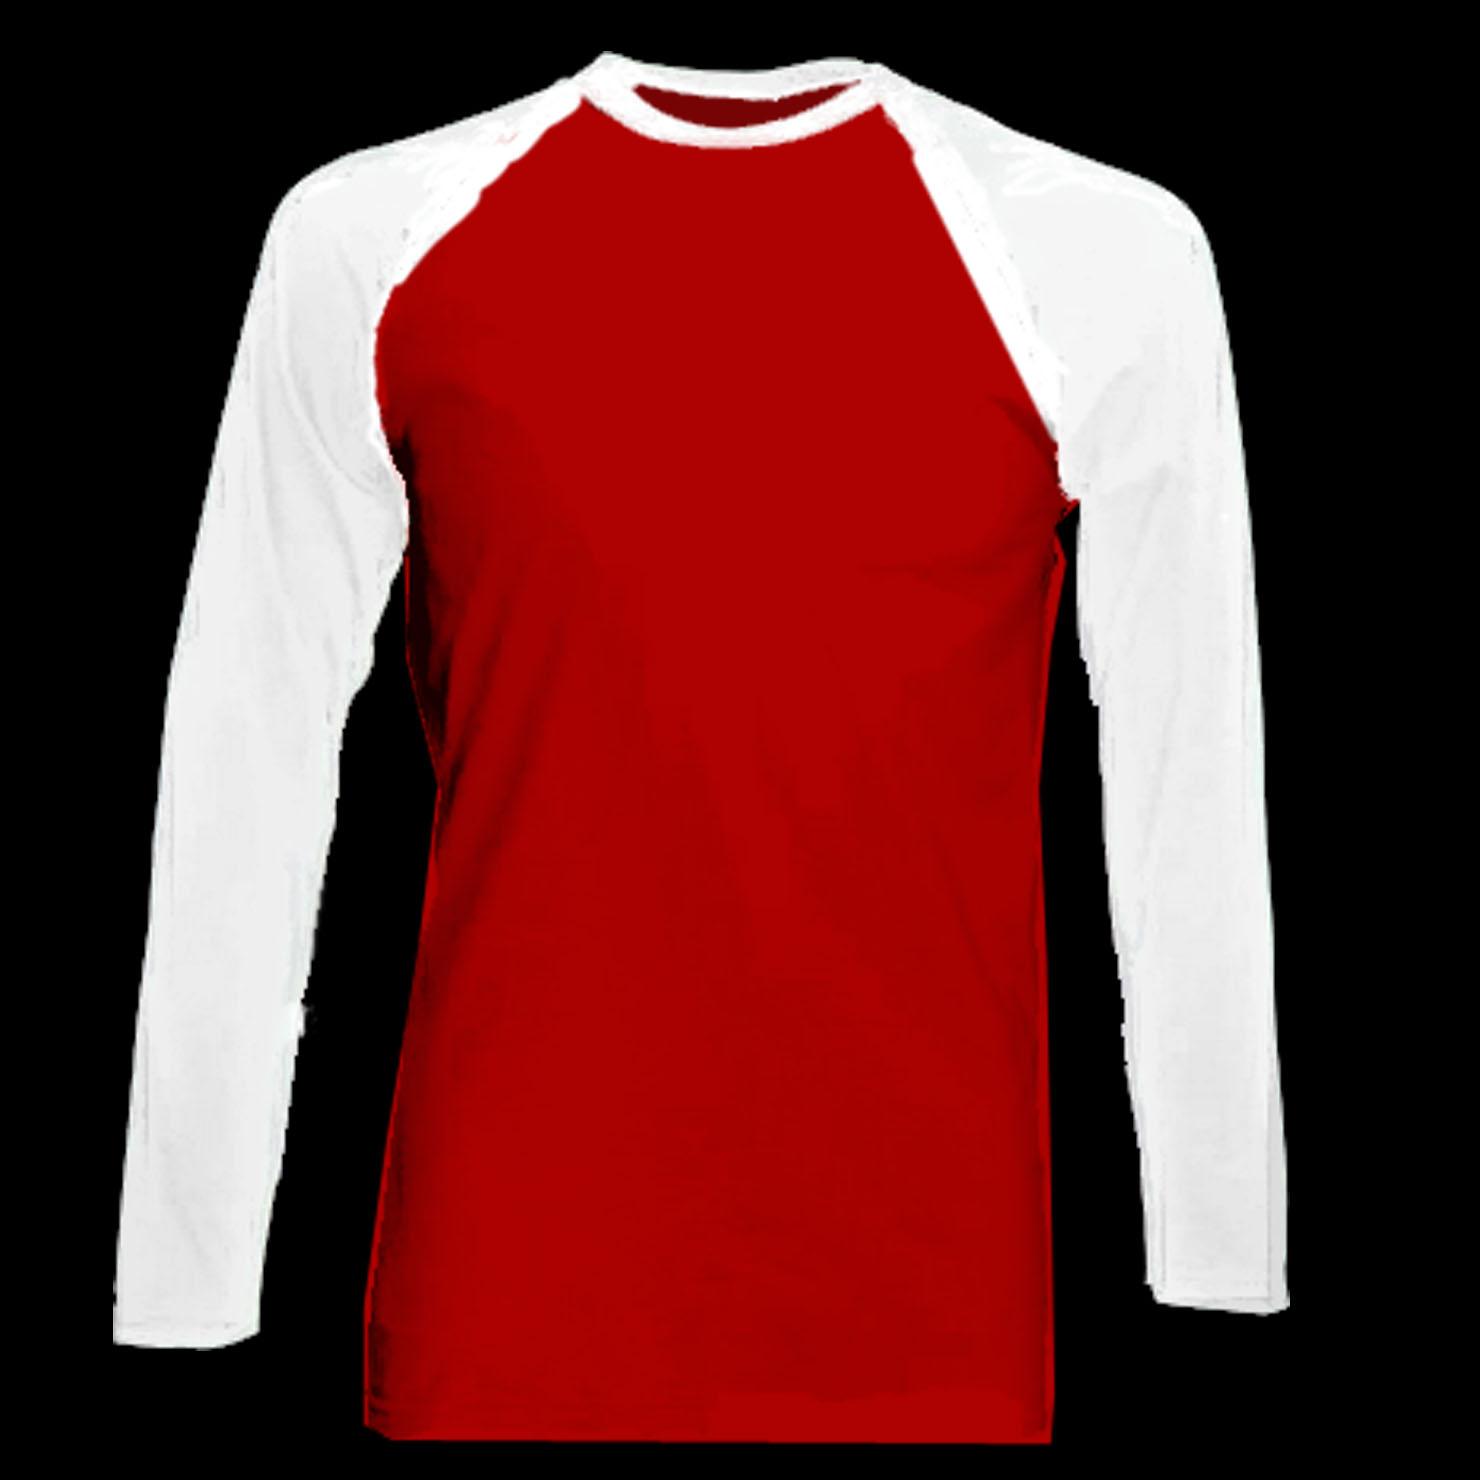 FREE / GRATIS ) mock up baju lengan panjang / long sleeve T-shirt